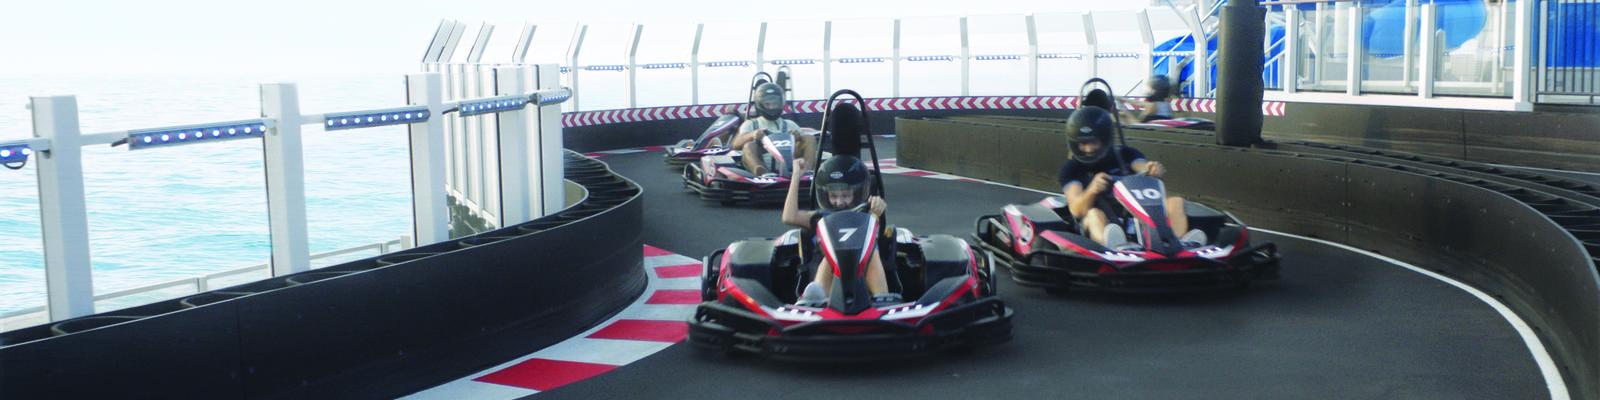 Go-Kart Track on Norwegian Bliss (Photo: Norwegian Cruise Line)